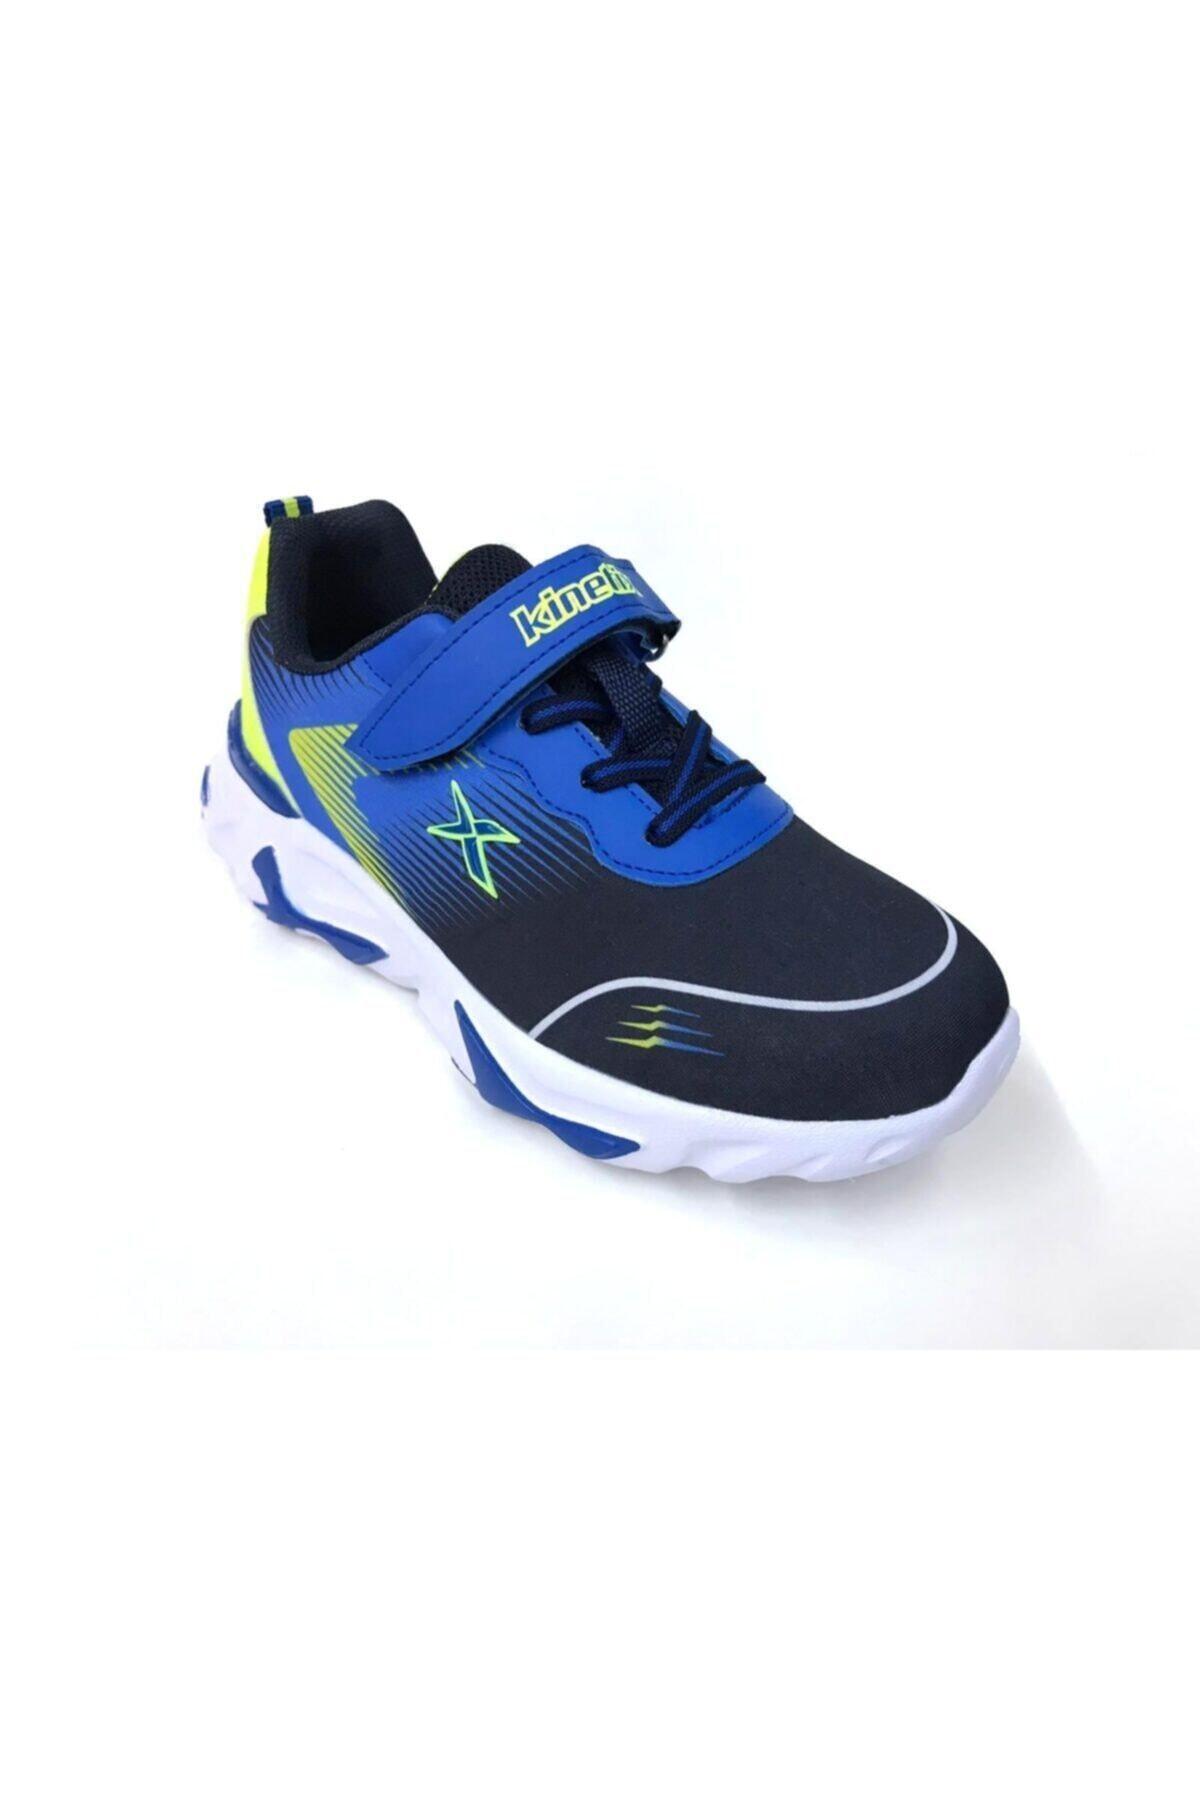 SPANG 1FX Lacivert Erkek Çocuk Koşu Ayakkabısı 100586281